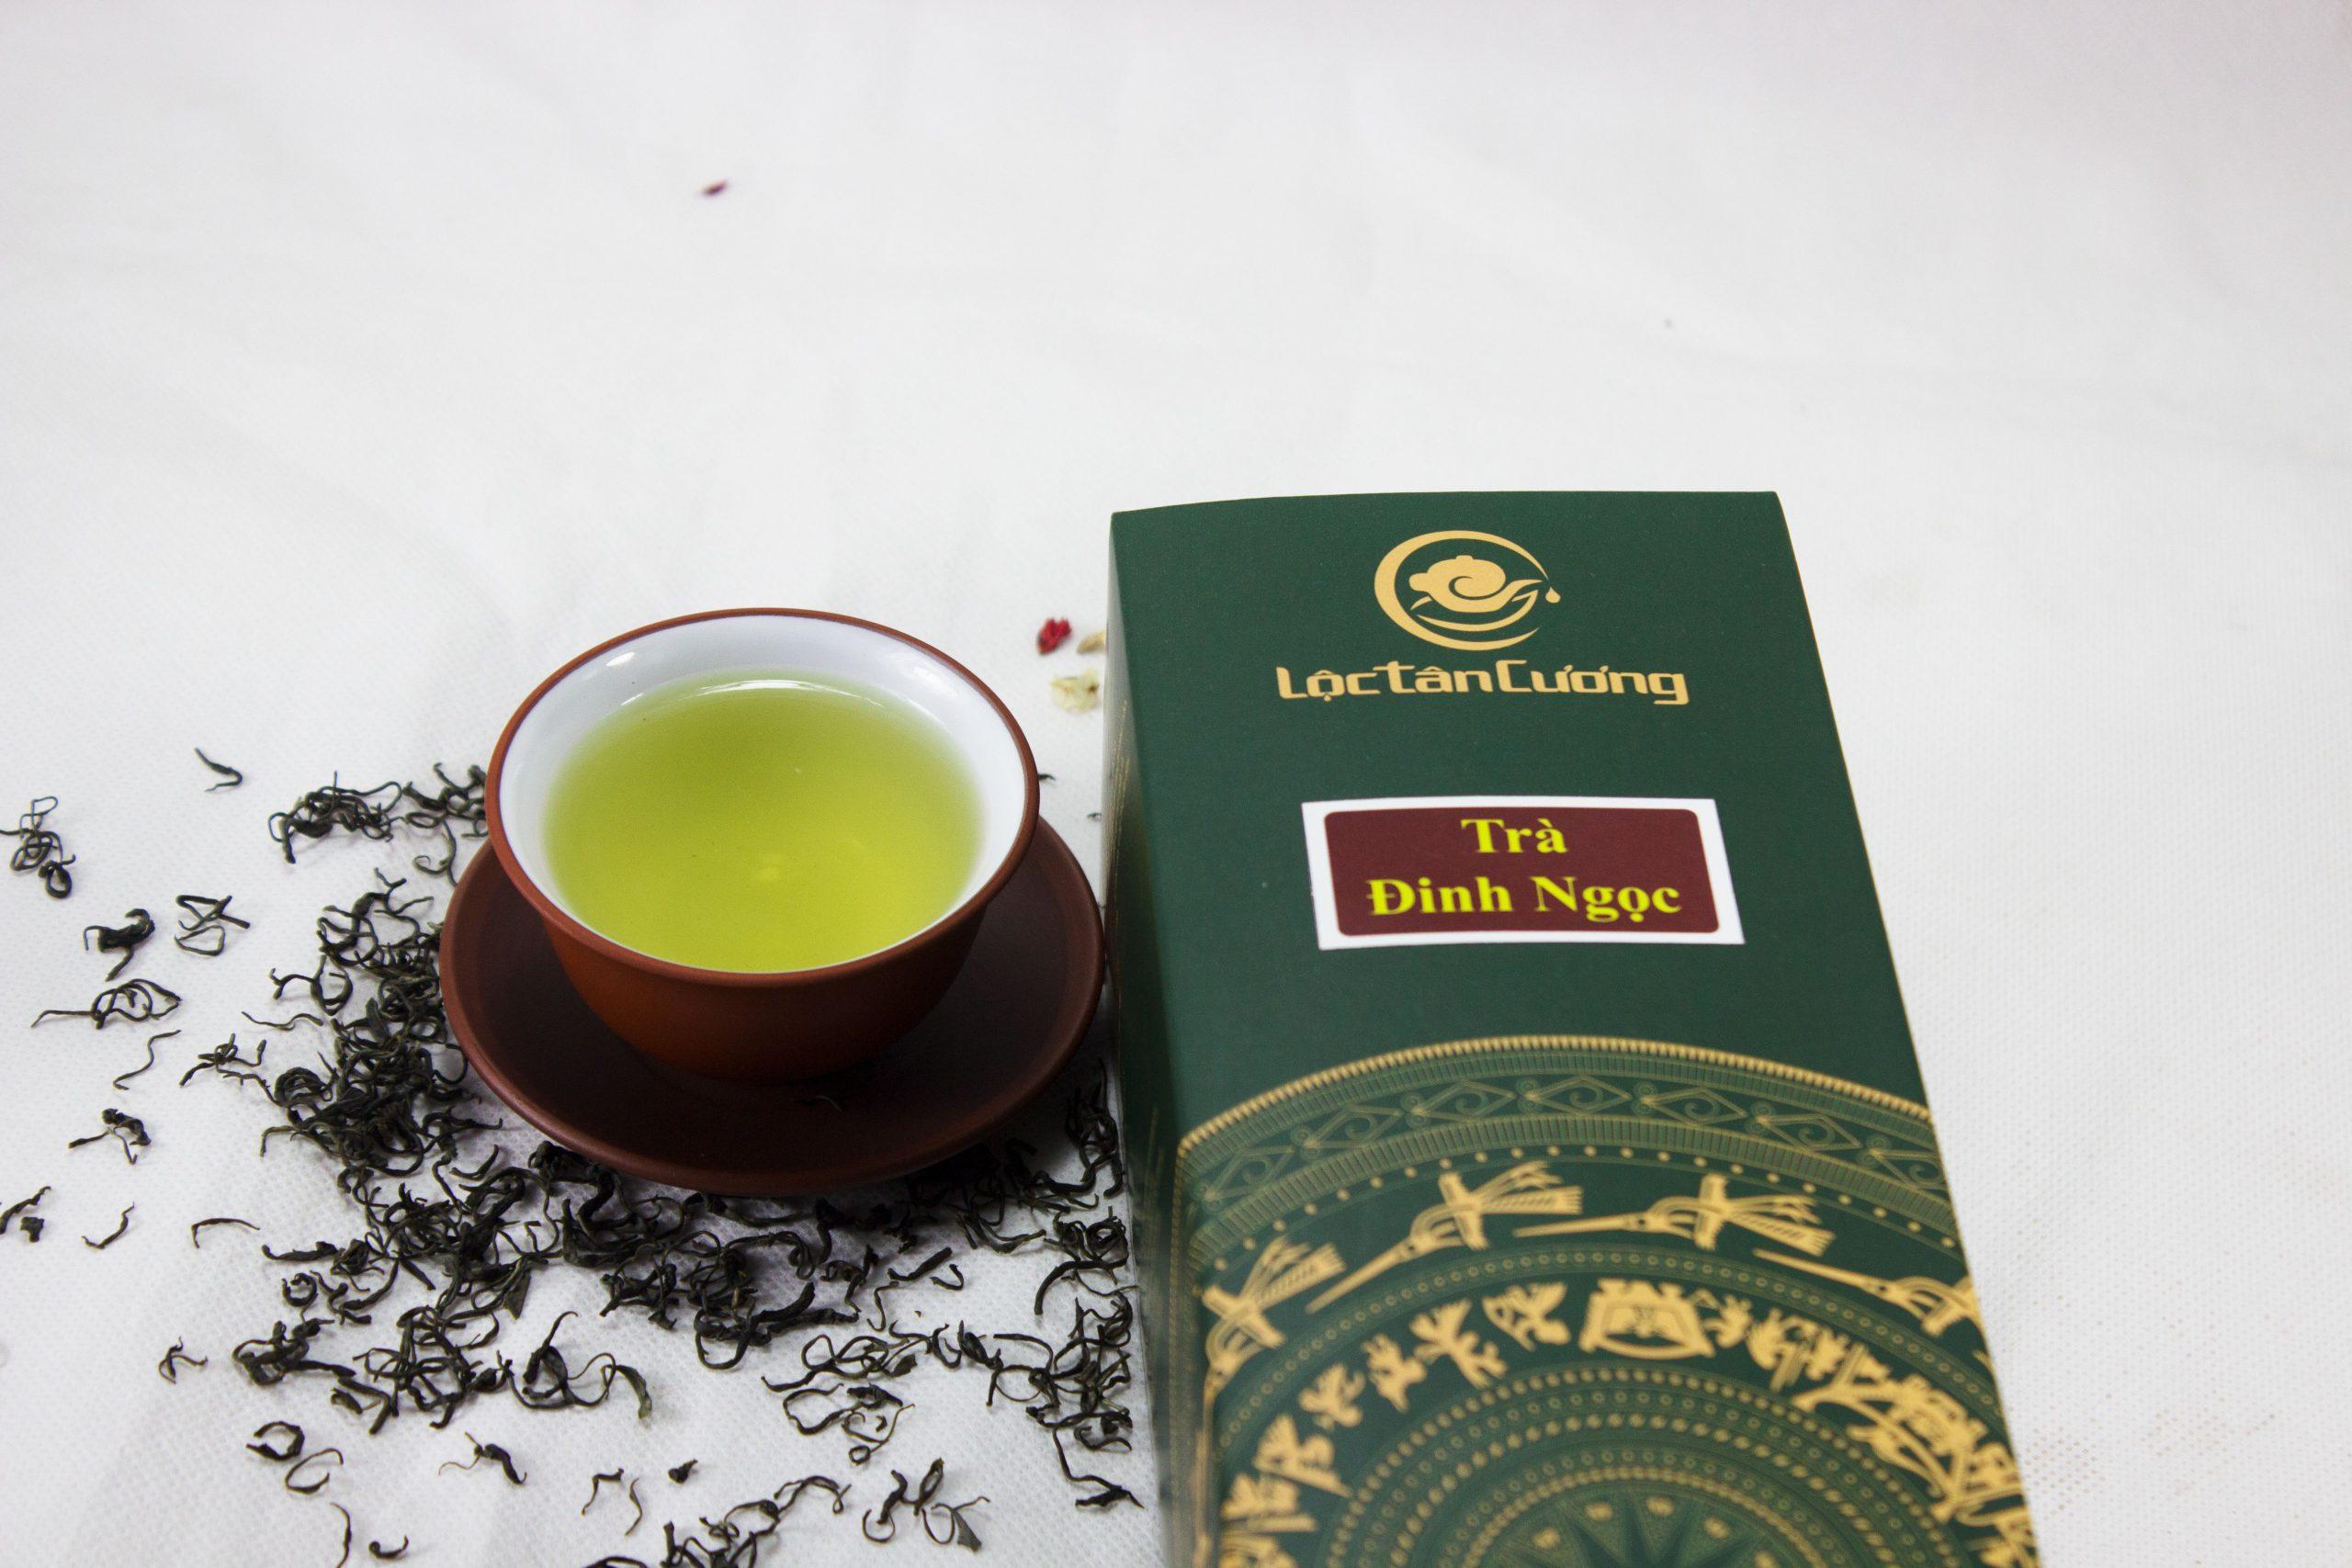 Trà đinh chỉ sản xuất từ 1 đọt non (tôm) thì được xem là loại trà thái nguyên thượng hạng, cao cấp.